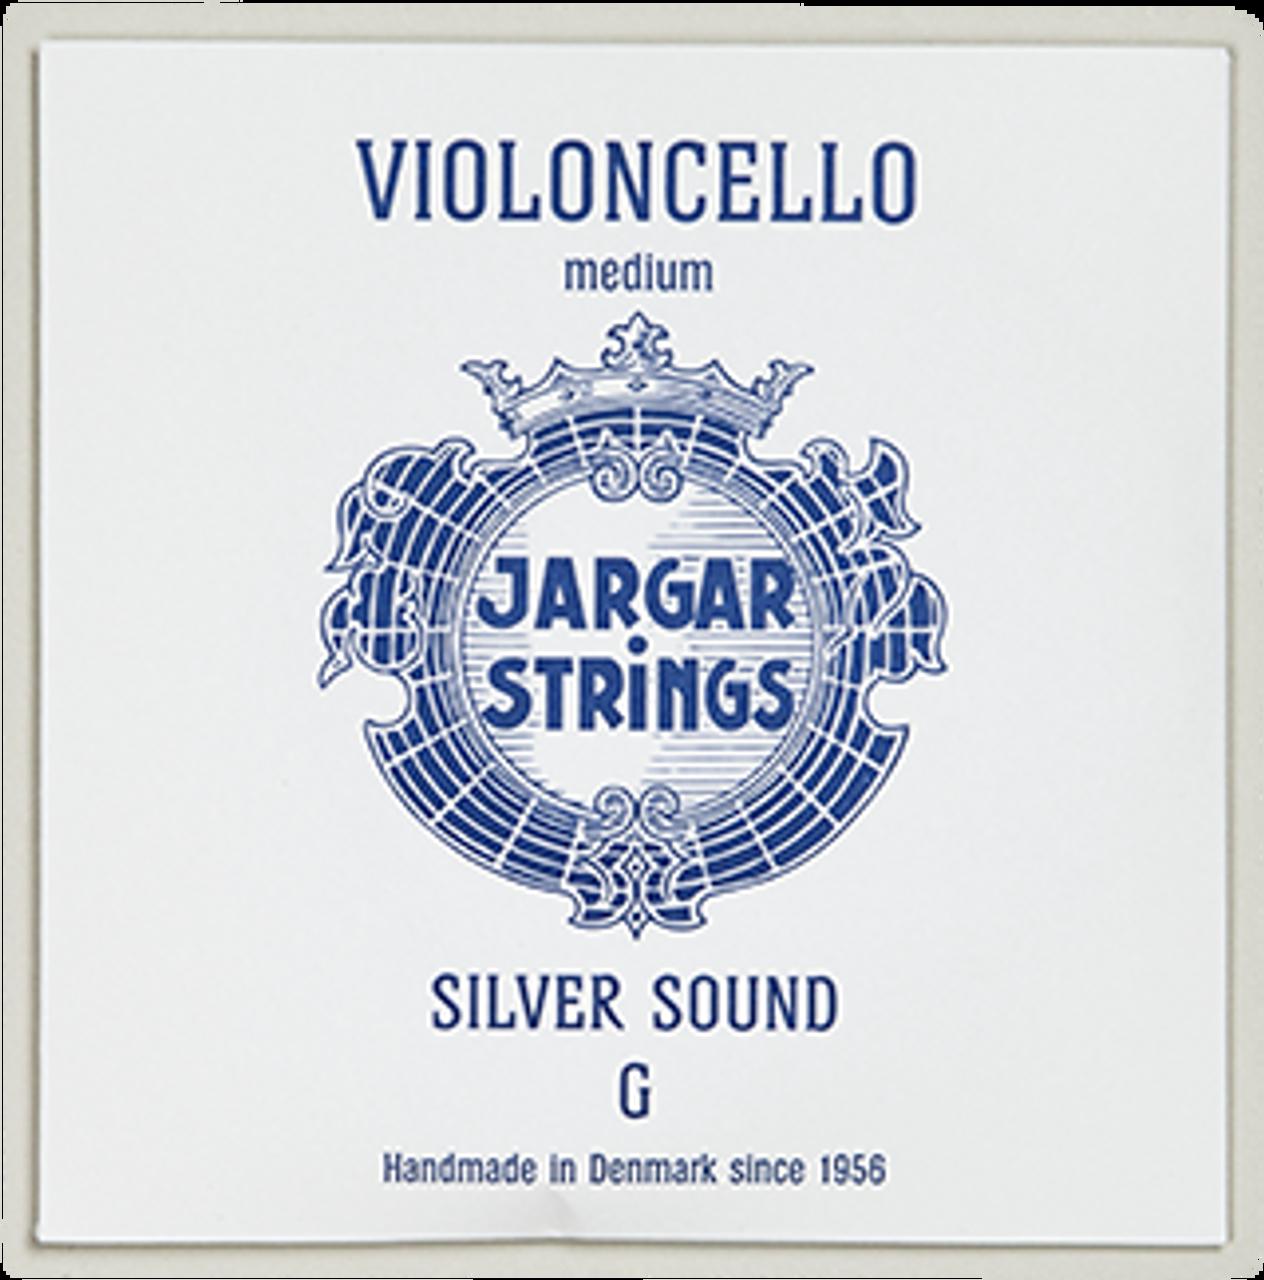 Silversound